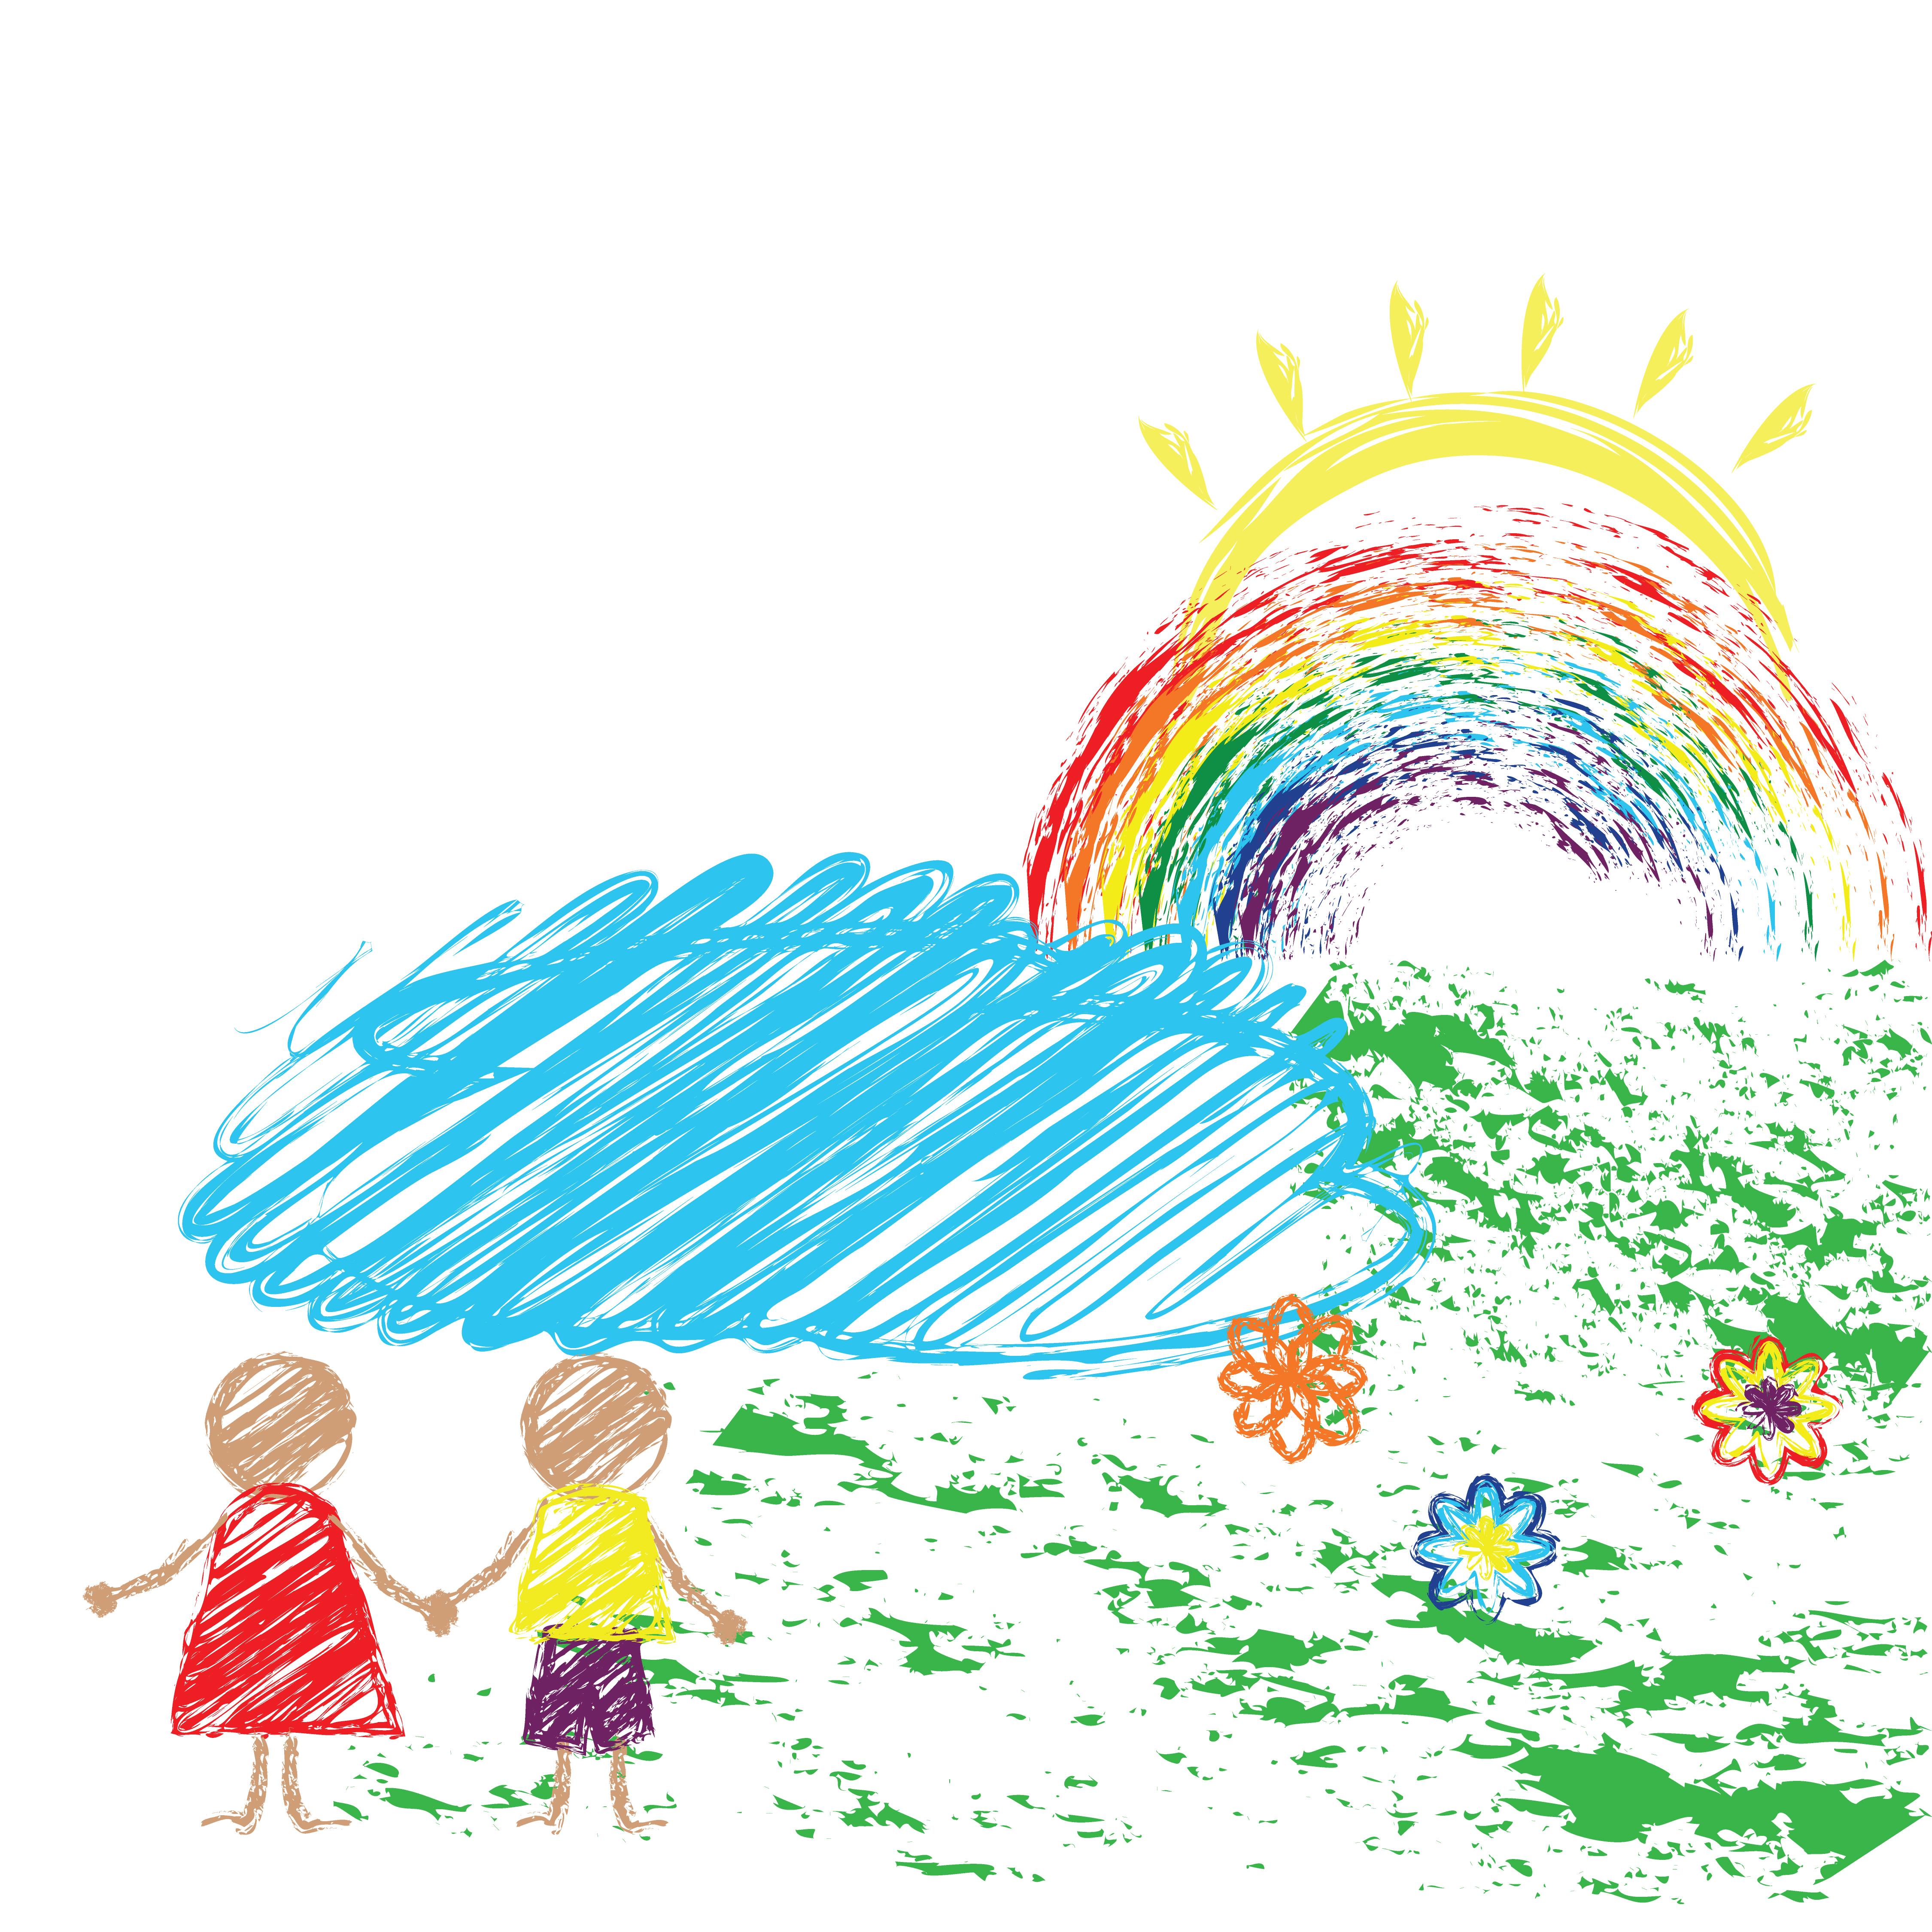 Lapis De Desenho Infantil Com A Imagem Das Criancas E O Arco Iris